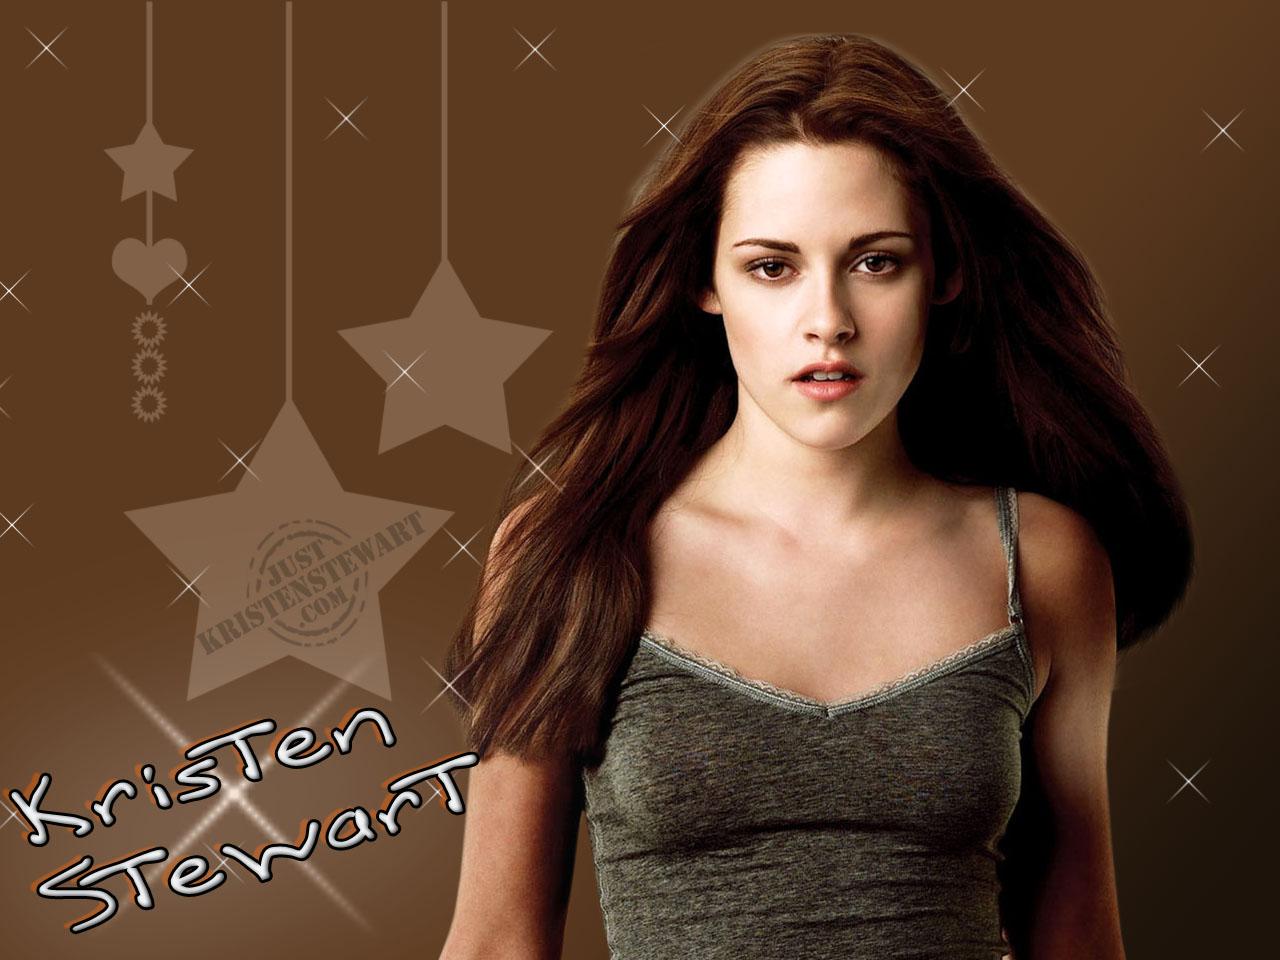 http://3.bp.blogspot.com/-eHixjOEnQwE/T561GfDXs9I/AAAAAAAABgs/kB9xREcEoOw/s1600/Kristen+Stewart+wallpapers+9.jpg